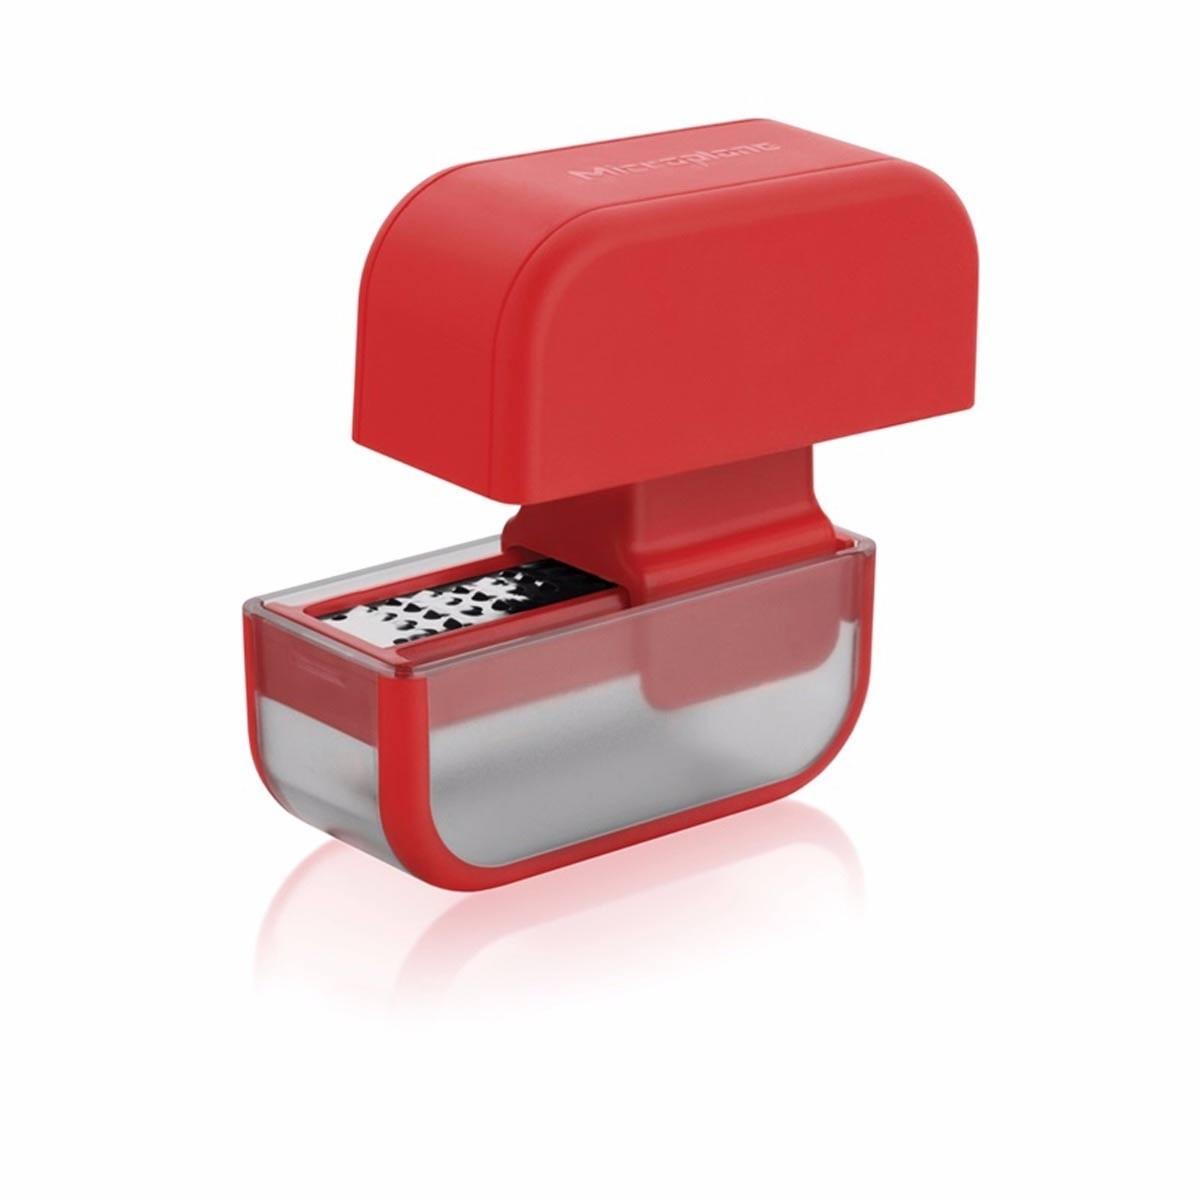 Râpe en acier inoxydable - Rouge